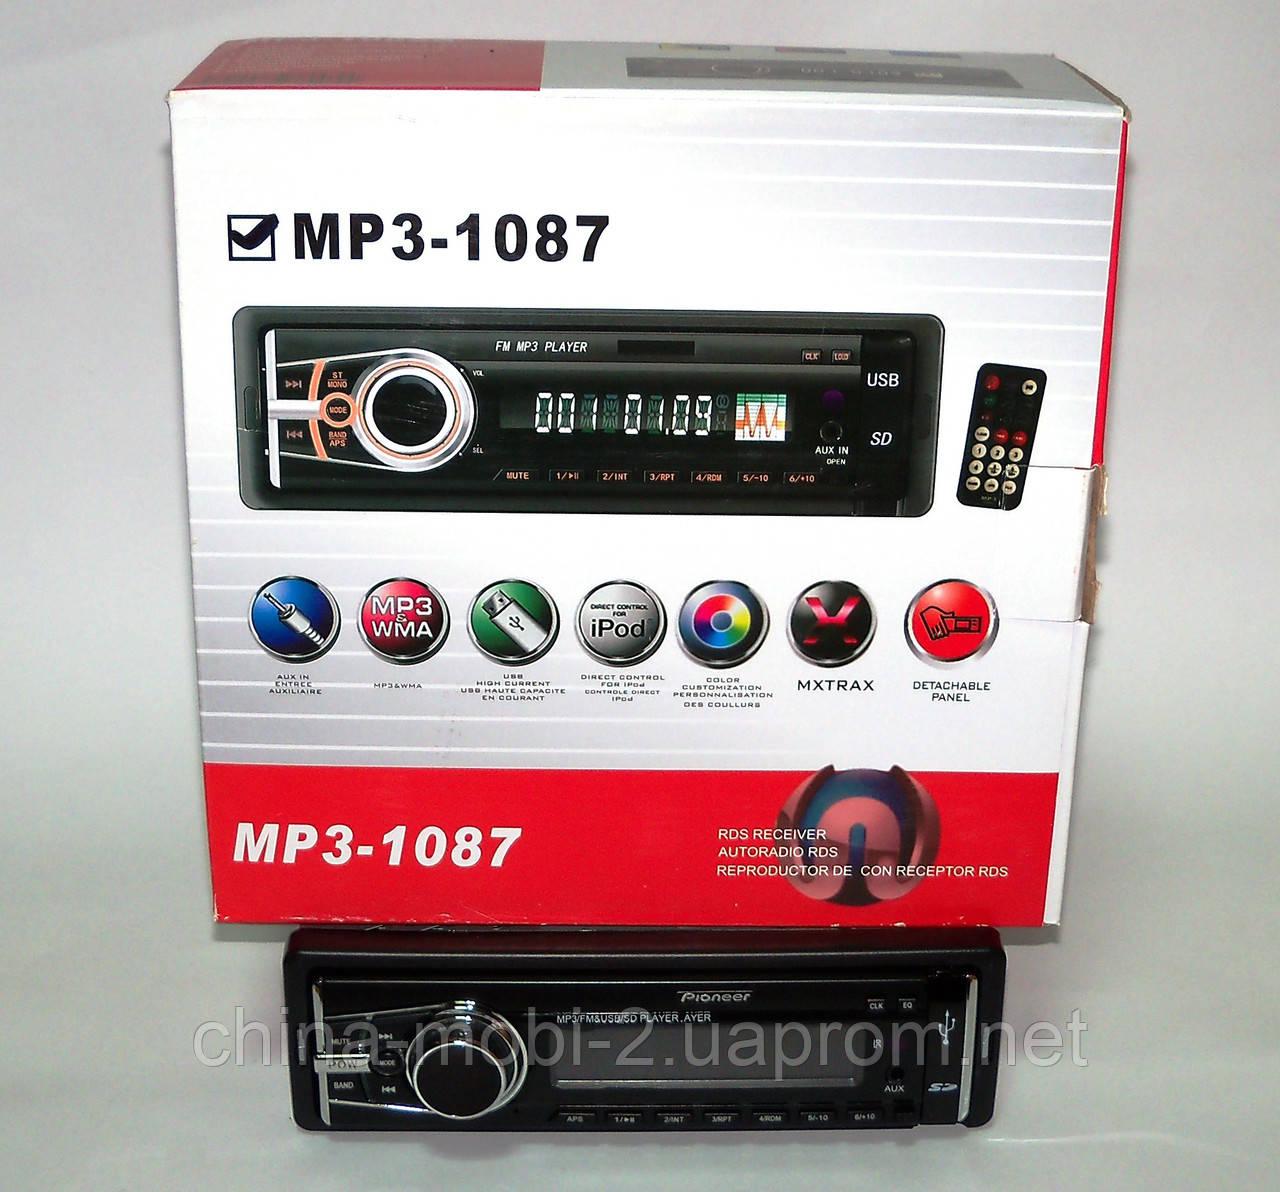 Автомагнитола car mp3 Pioneer MP3-1087 USB SD AUX FM со съемной панелью